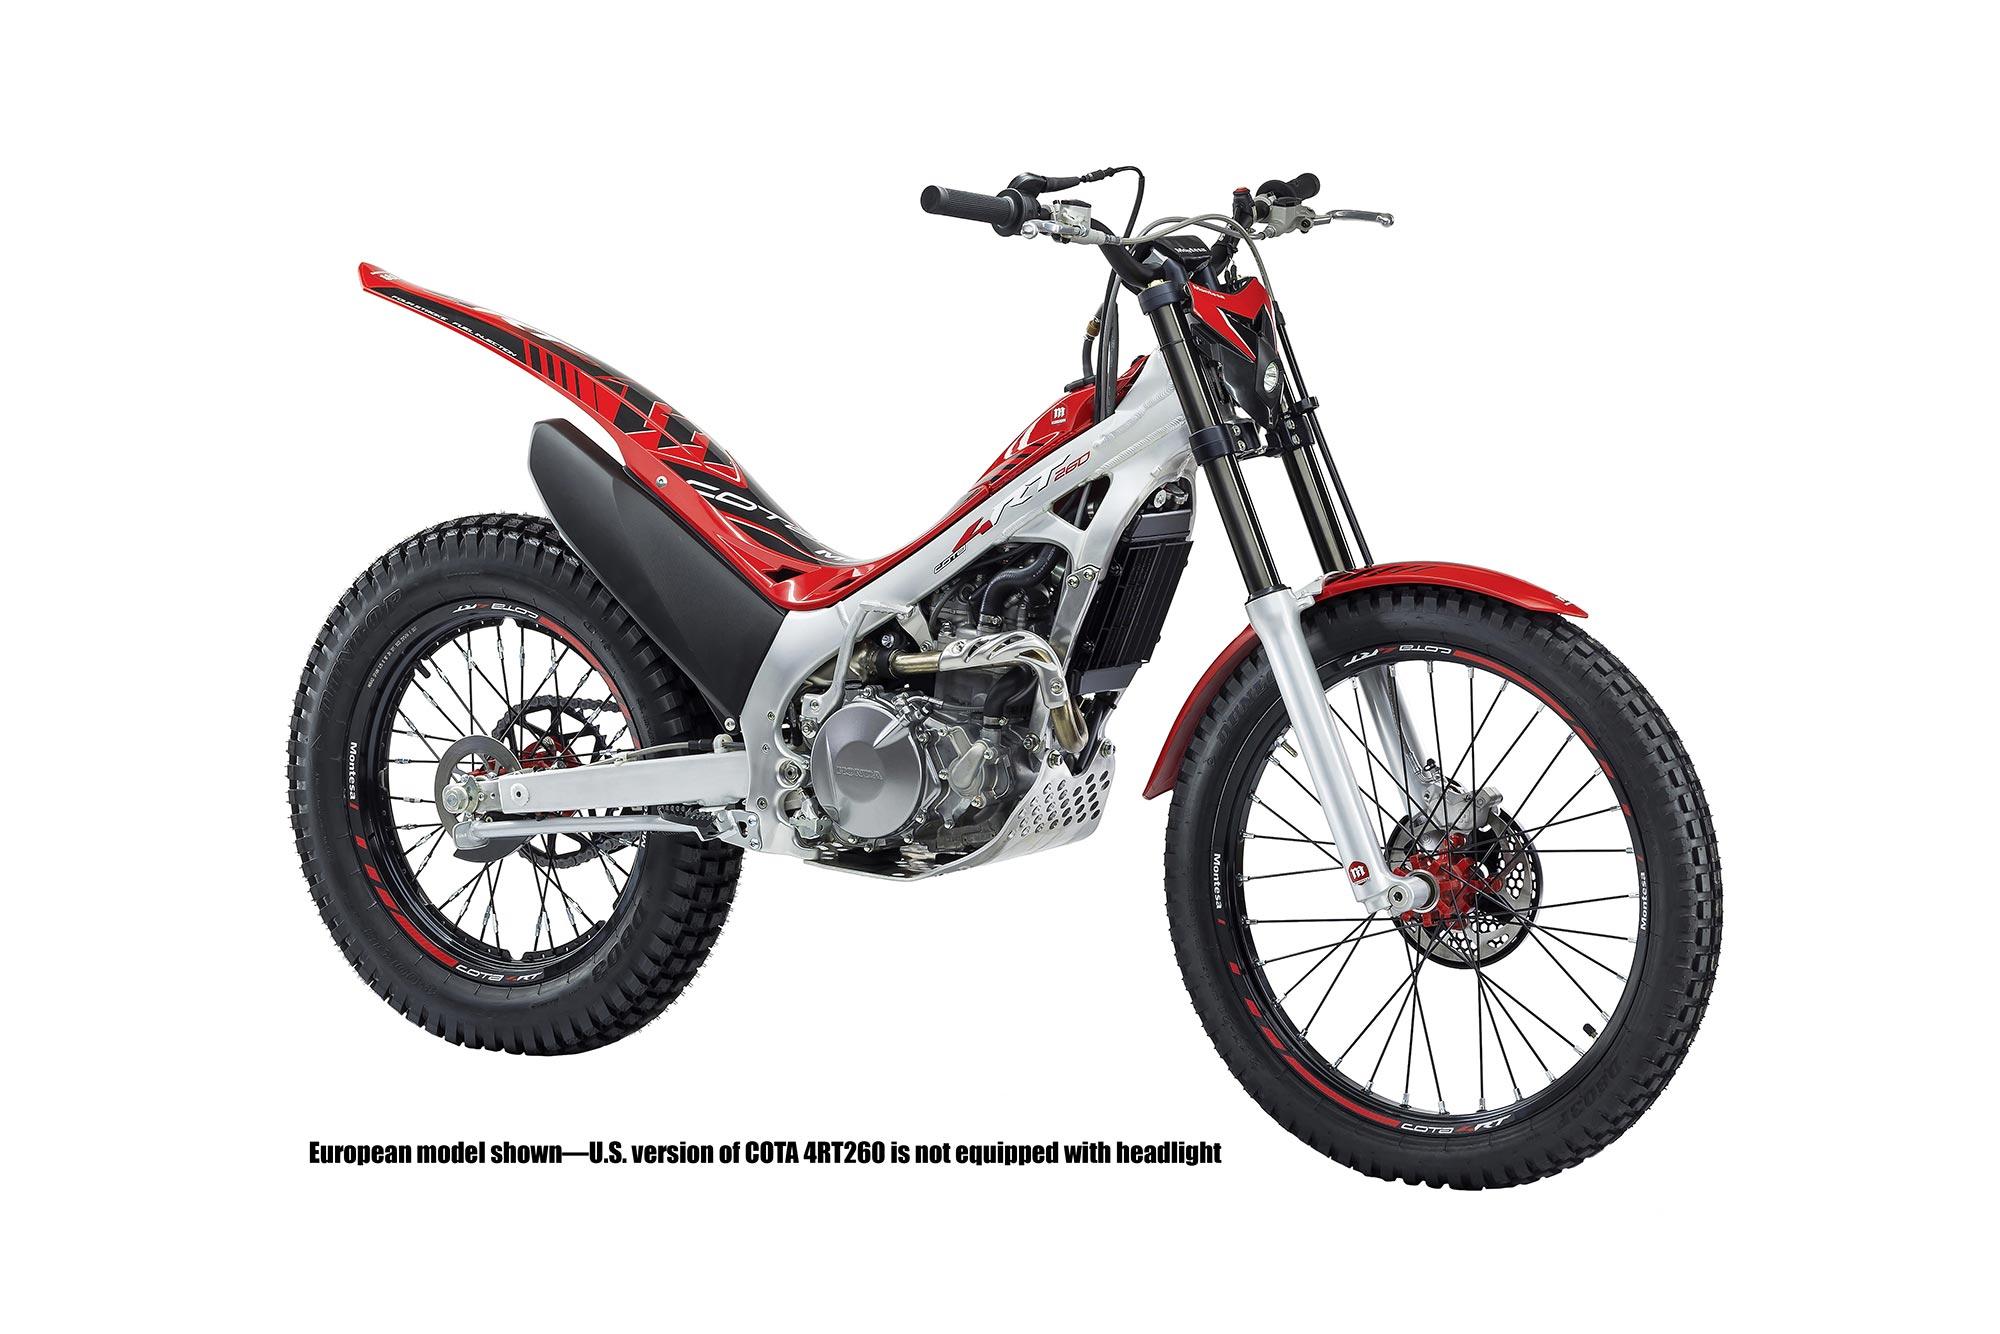 Honda Cota 4rt 260